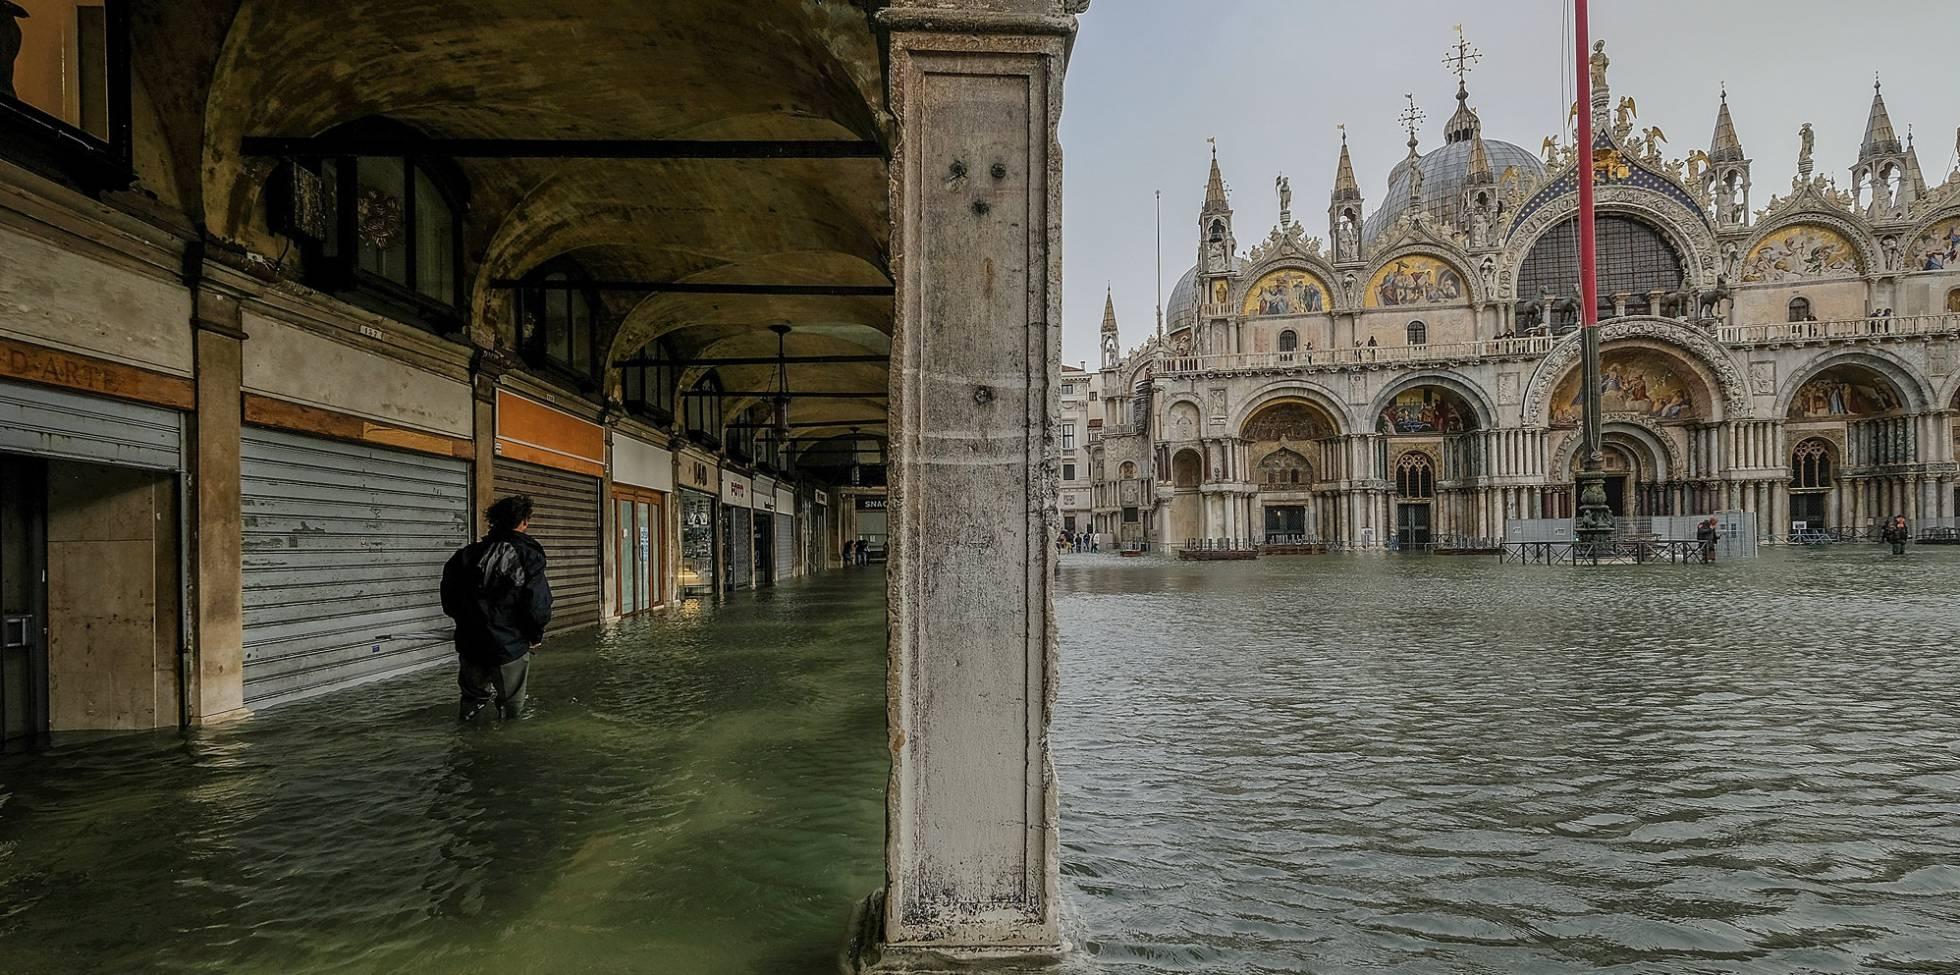 Resultado de imagem para inundaçao em veneza